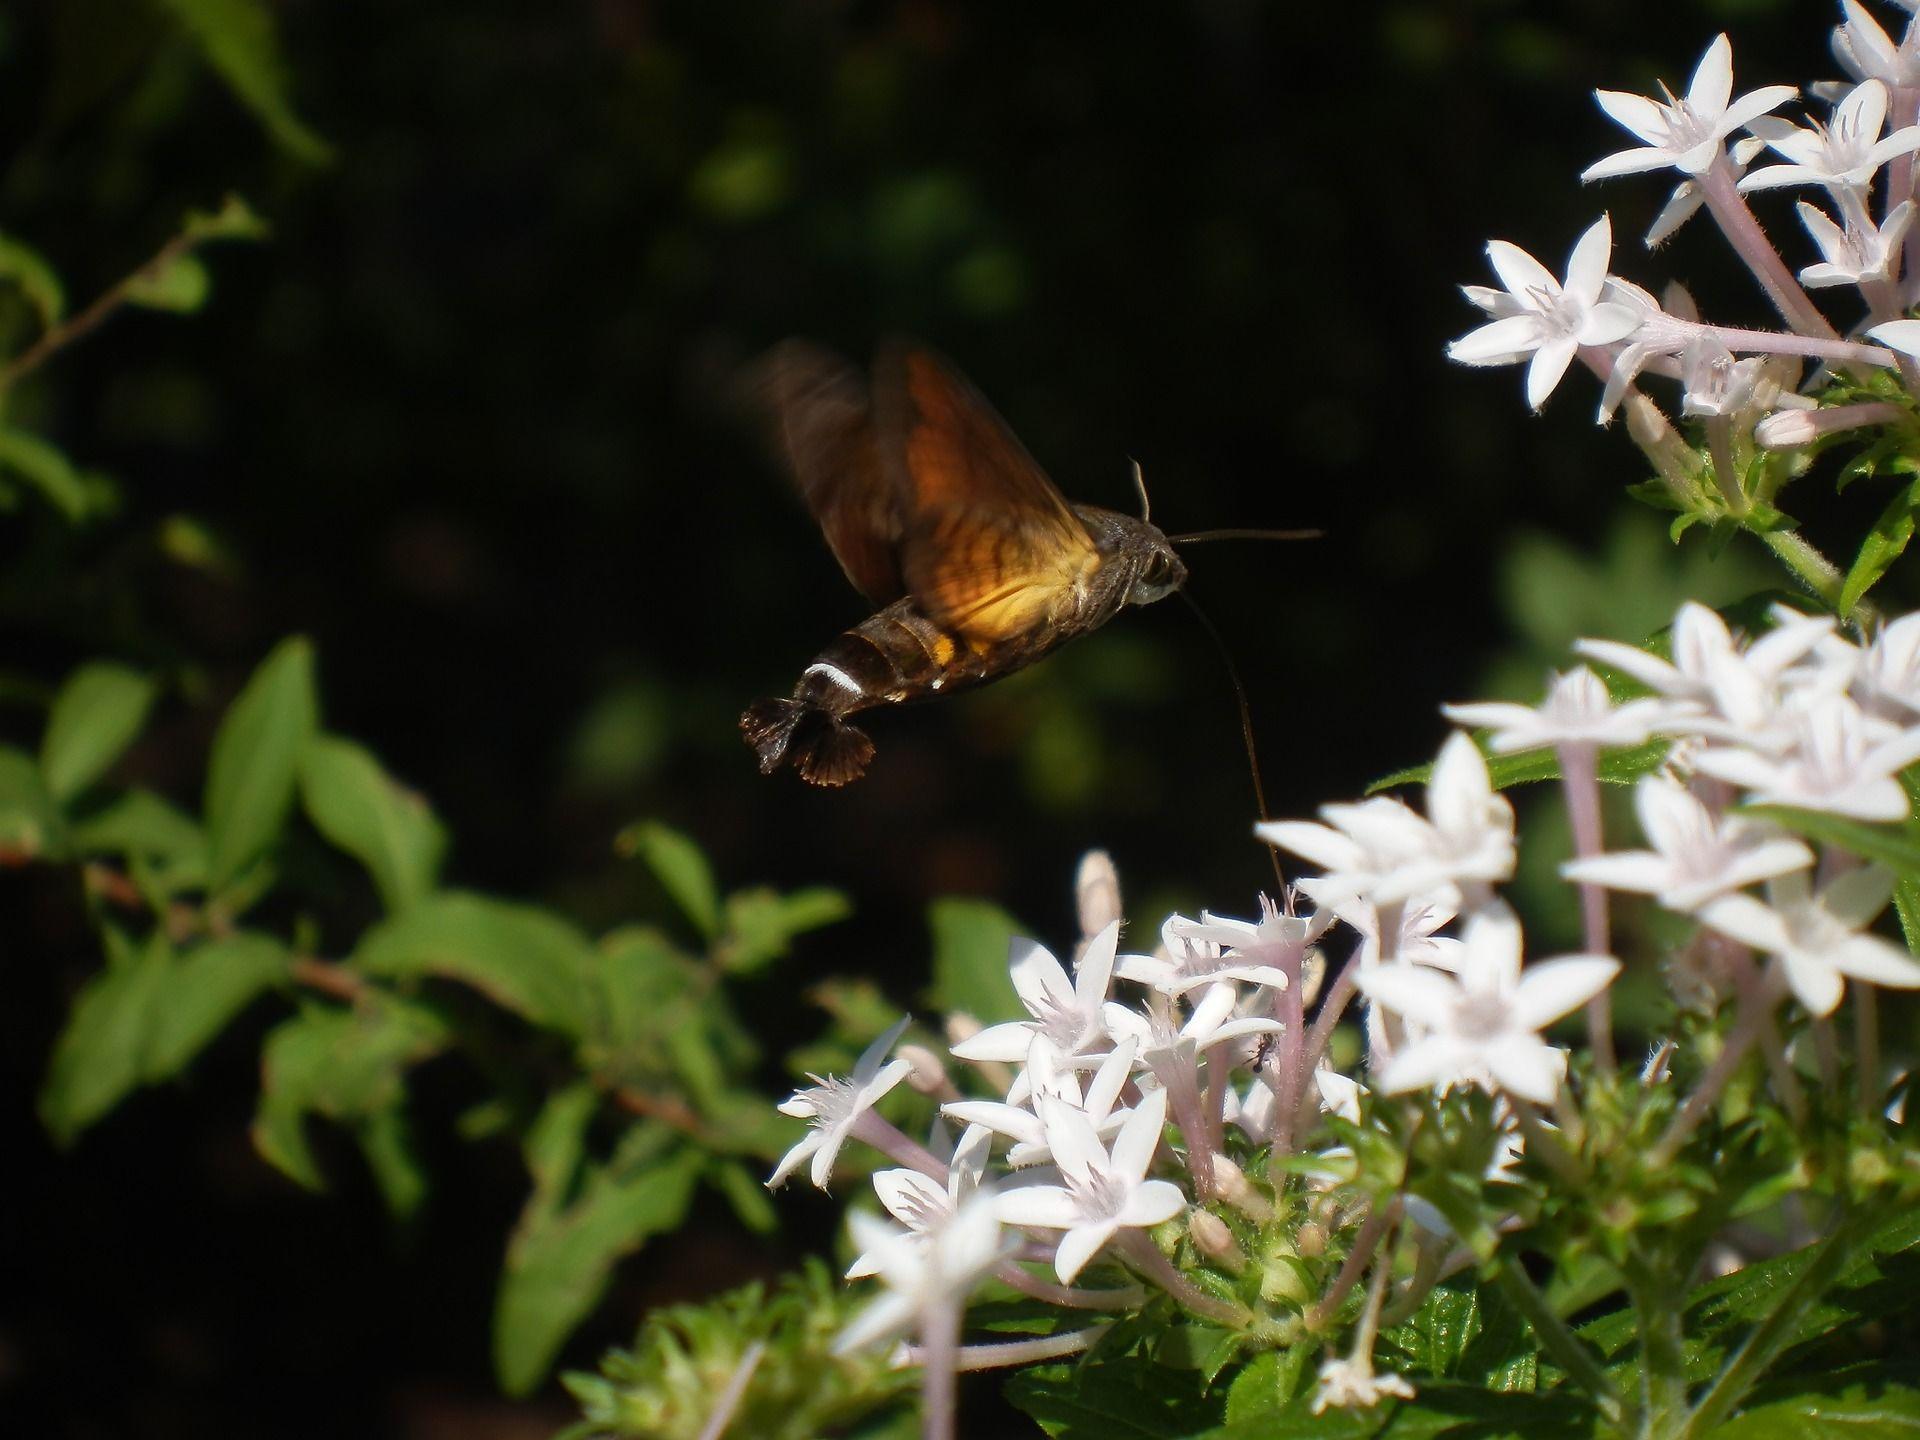 Смотреть фото бабочки бражника